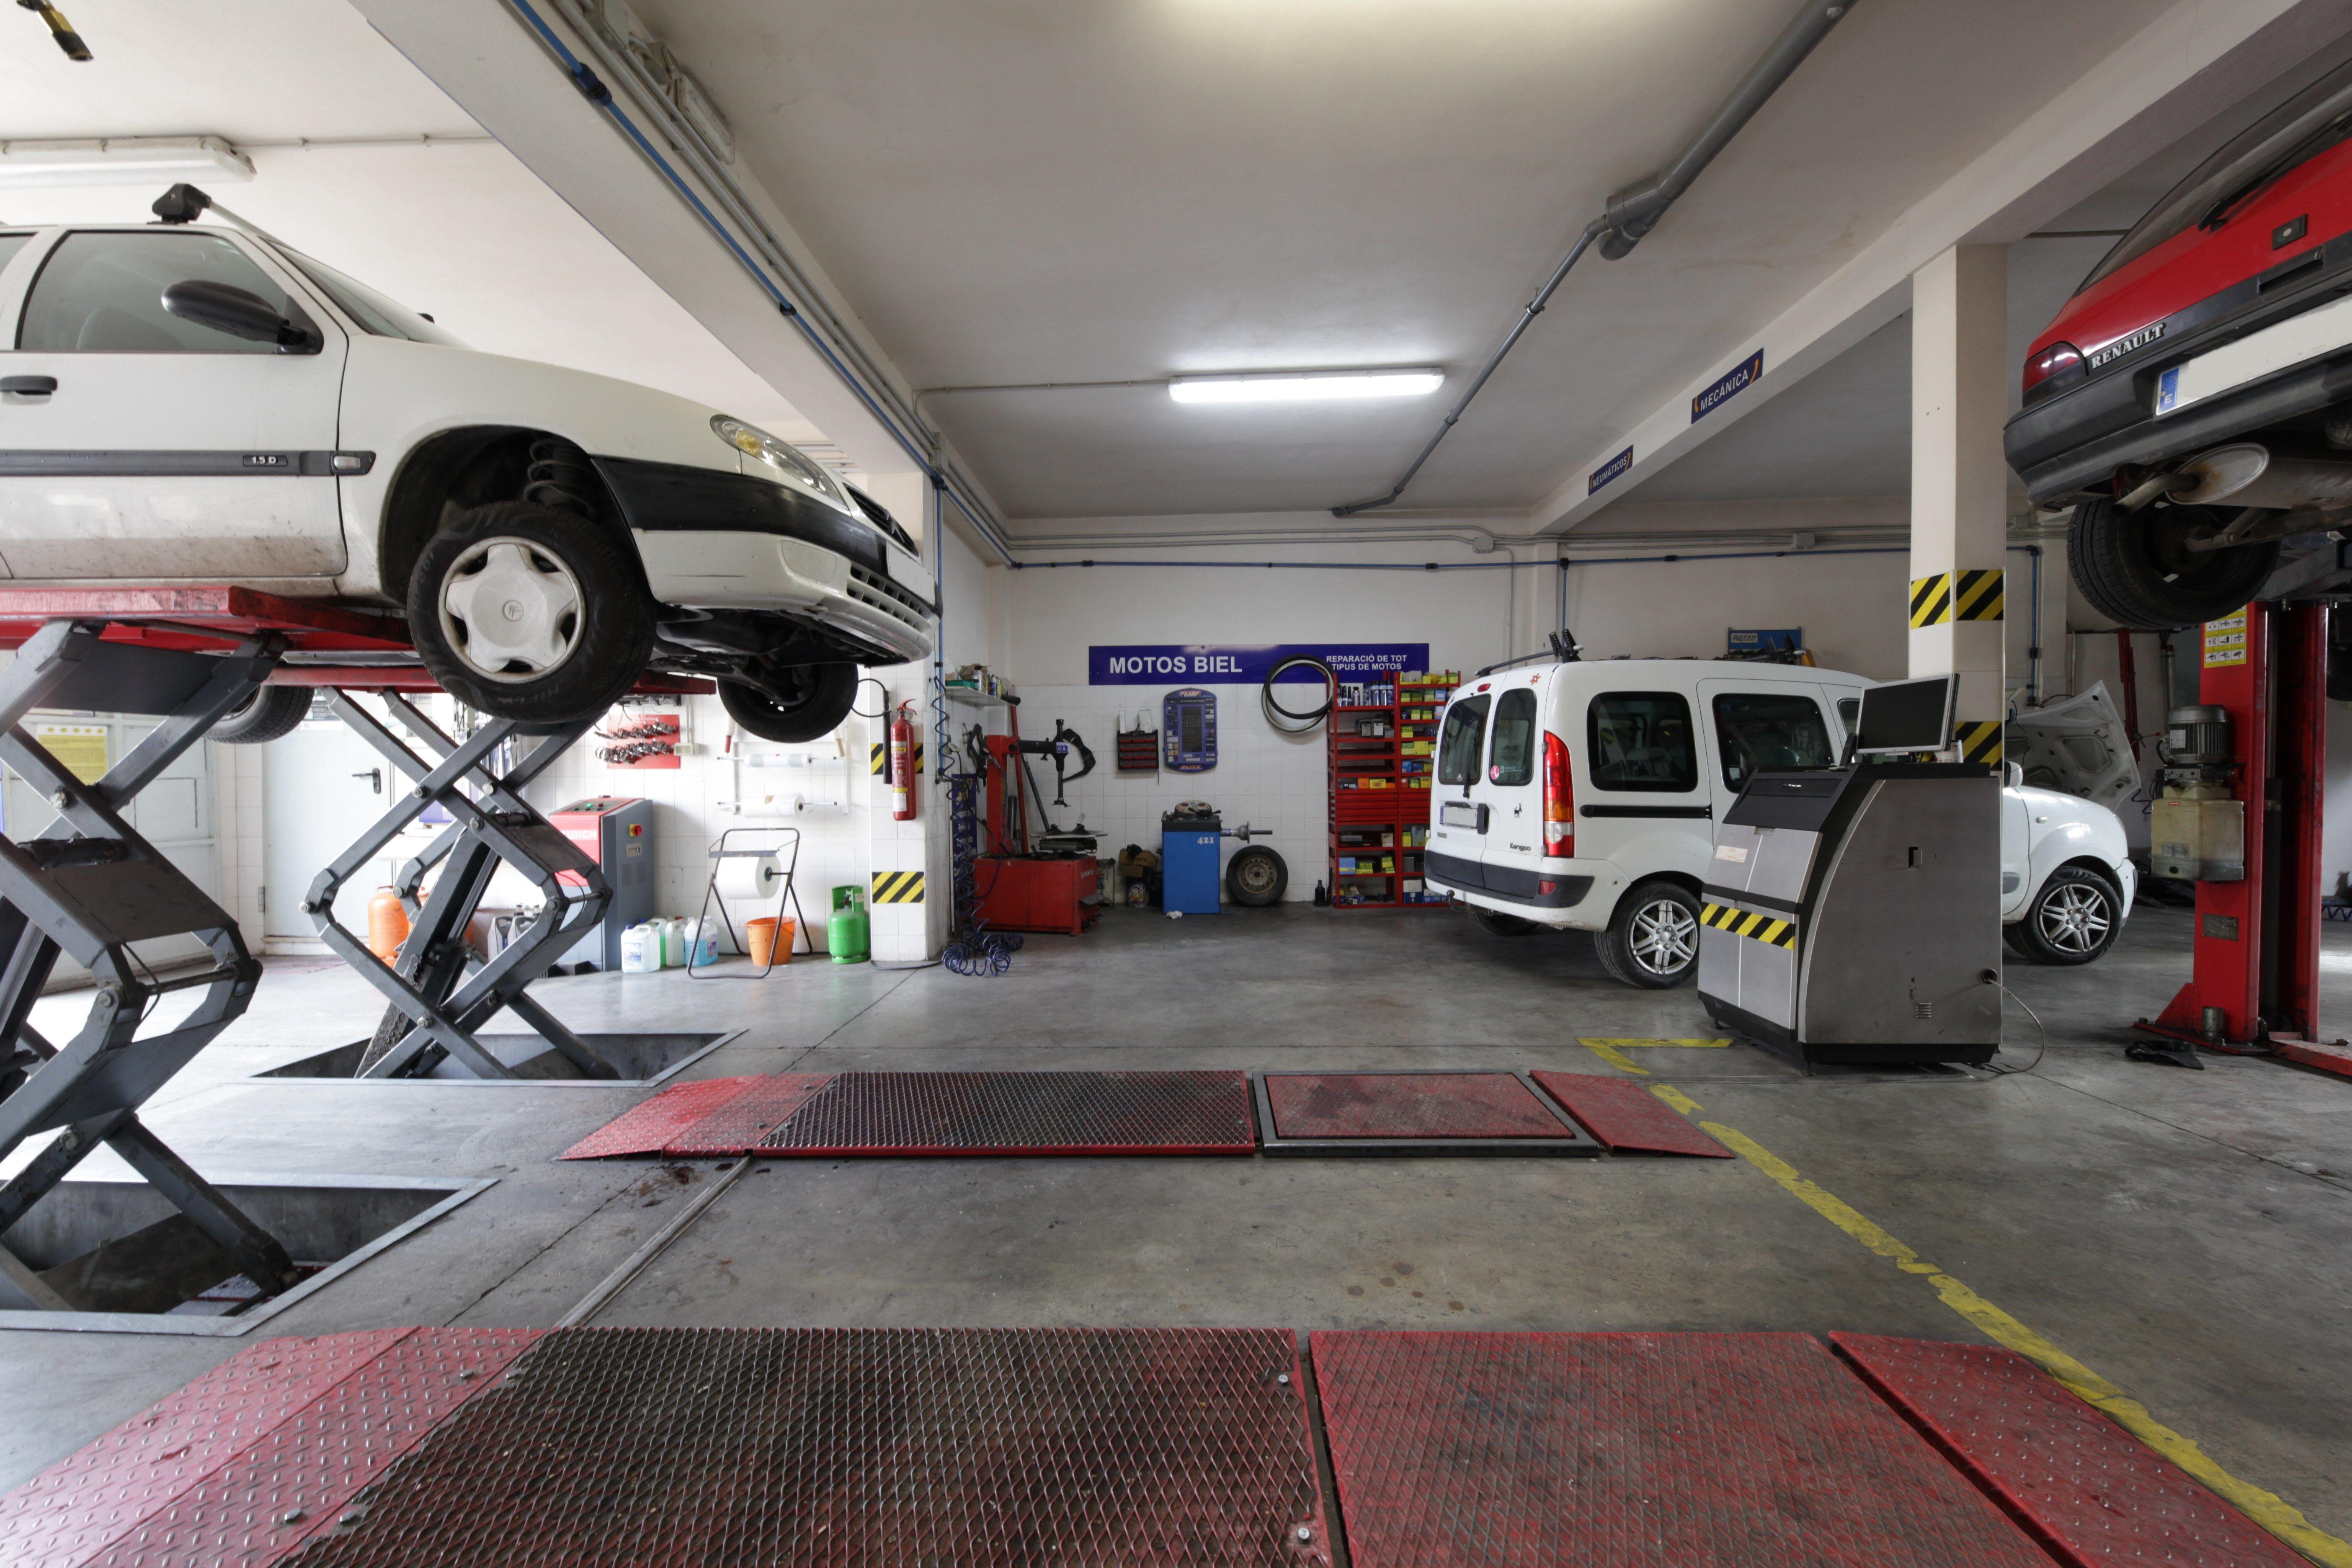 Servicios de mecánica rápida, realizamos arreglos de chapa y pintura y fallos en el sistema de climatización